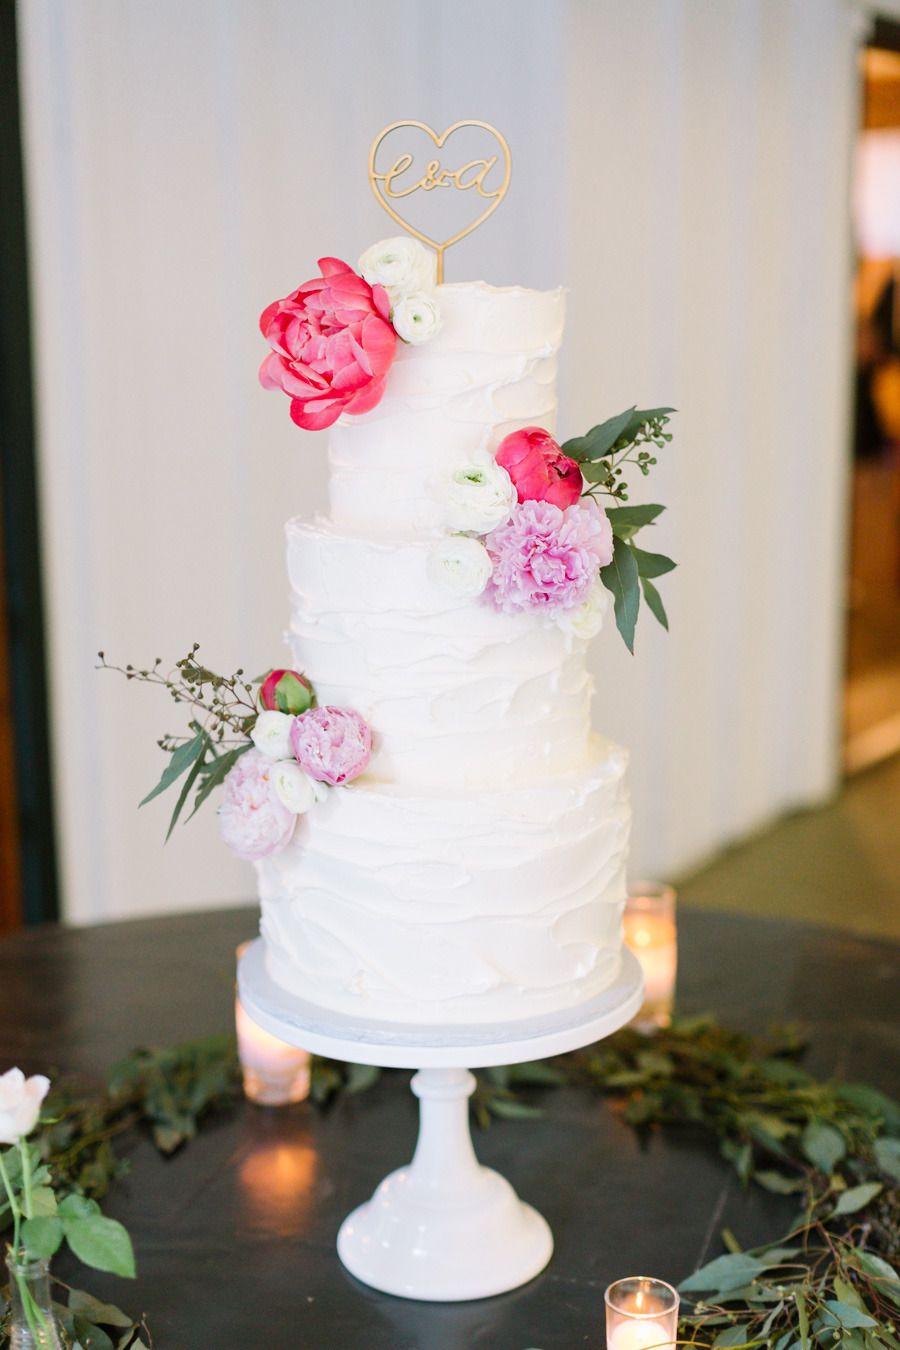 Photography: Koman Photography   komanphotography.com Floral Design: City Flowers   www.yelp.com/biz/city-flowers-los-angeles Wedding Cake: Sheila Mae   www.sheilamae.com Wedding Venue: Calamigos Ranch   calamigos.com   View more: http://stylemepretty.com/vault/gallery/36147